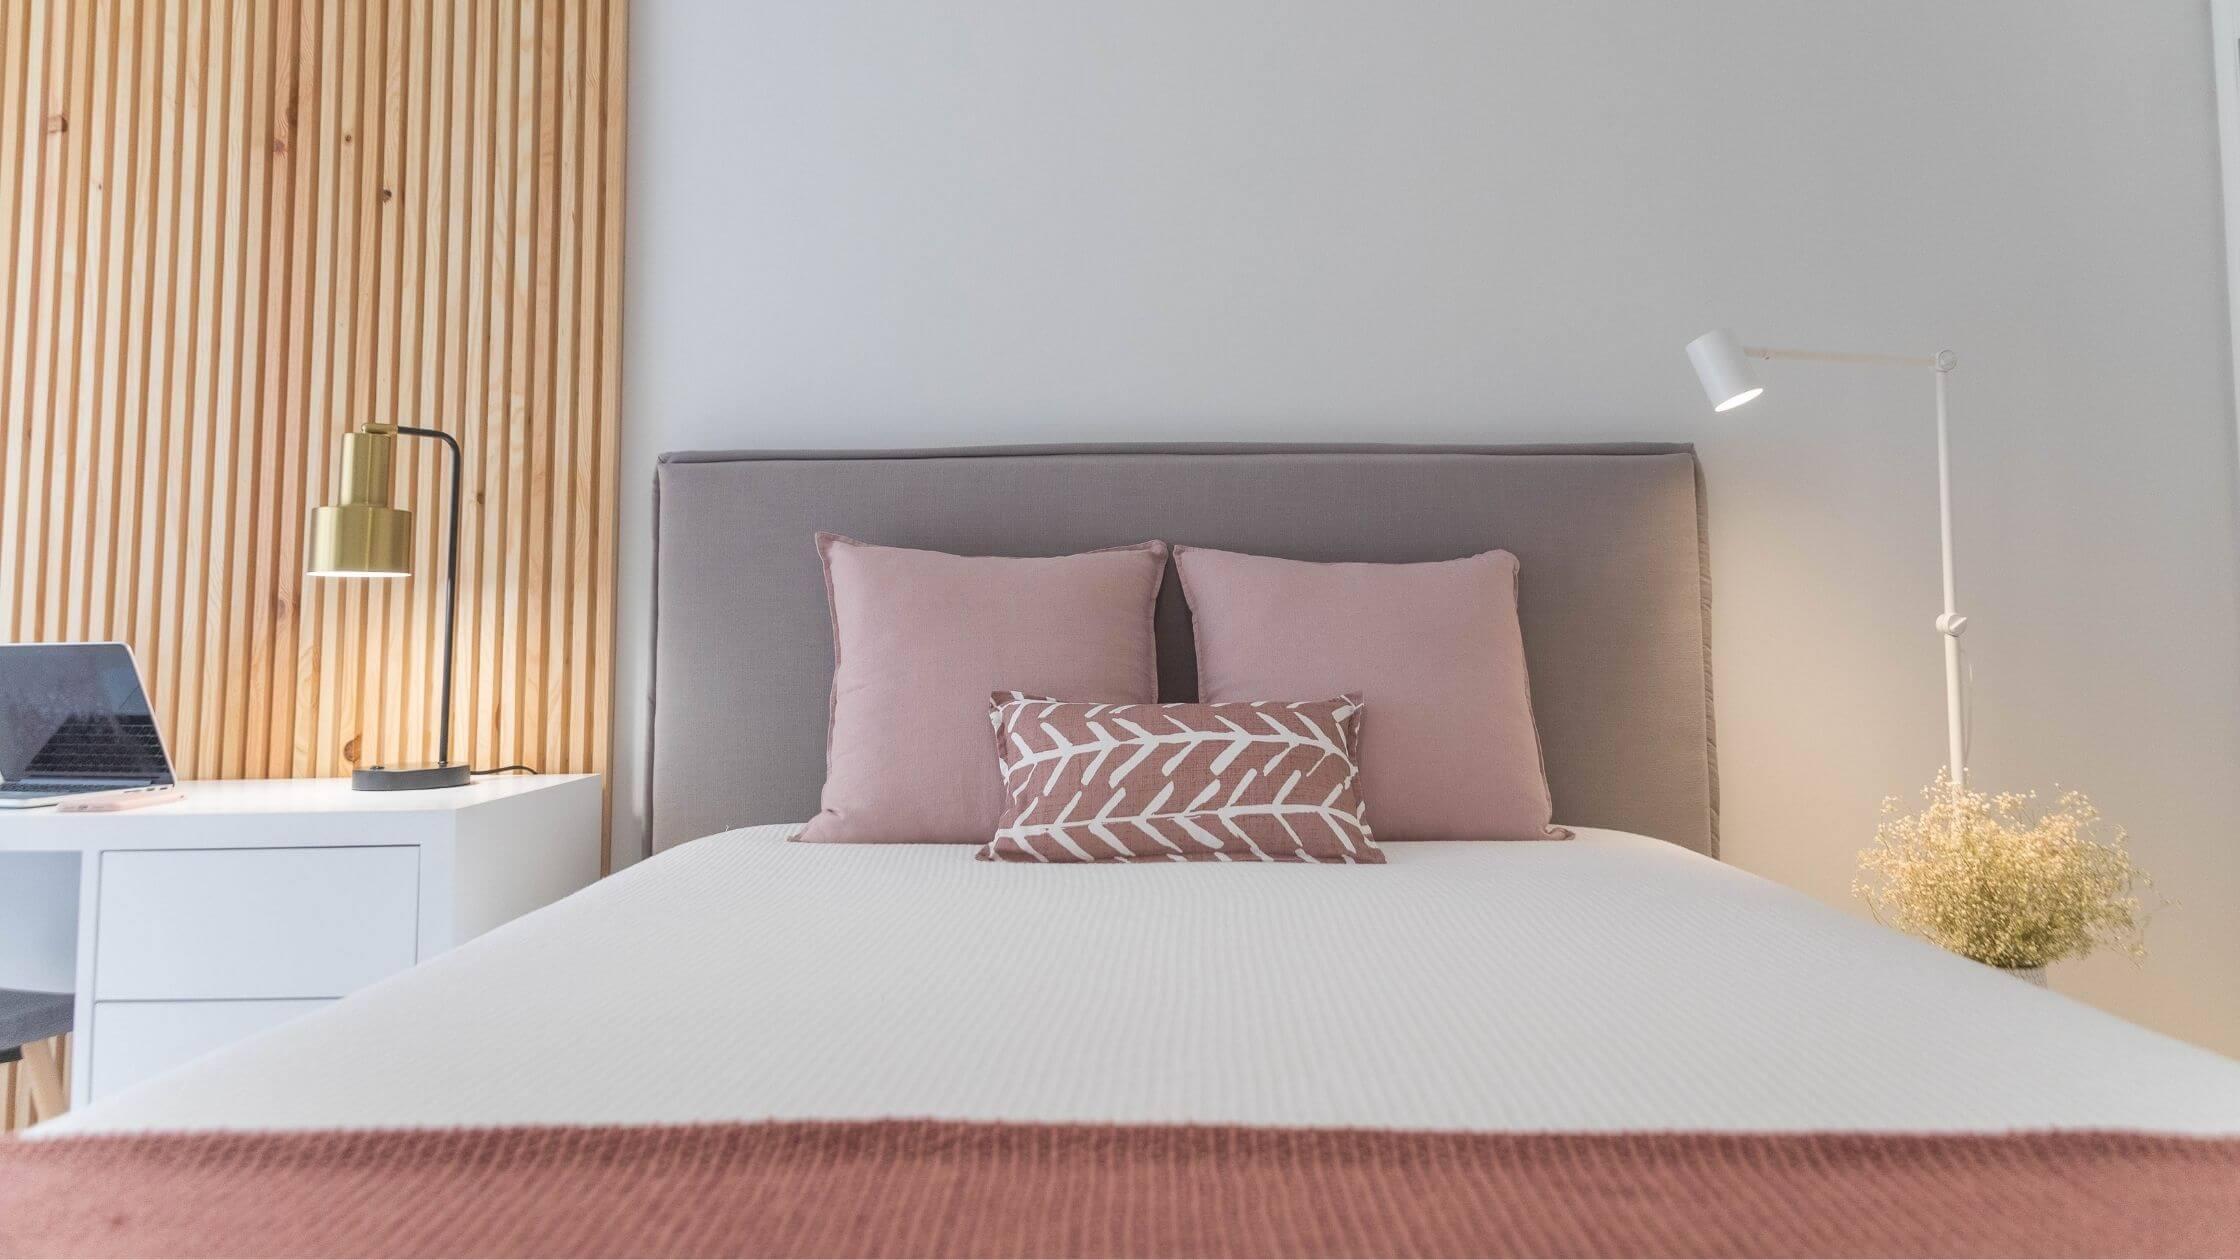 bedroom interior design by livproo